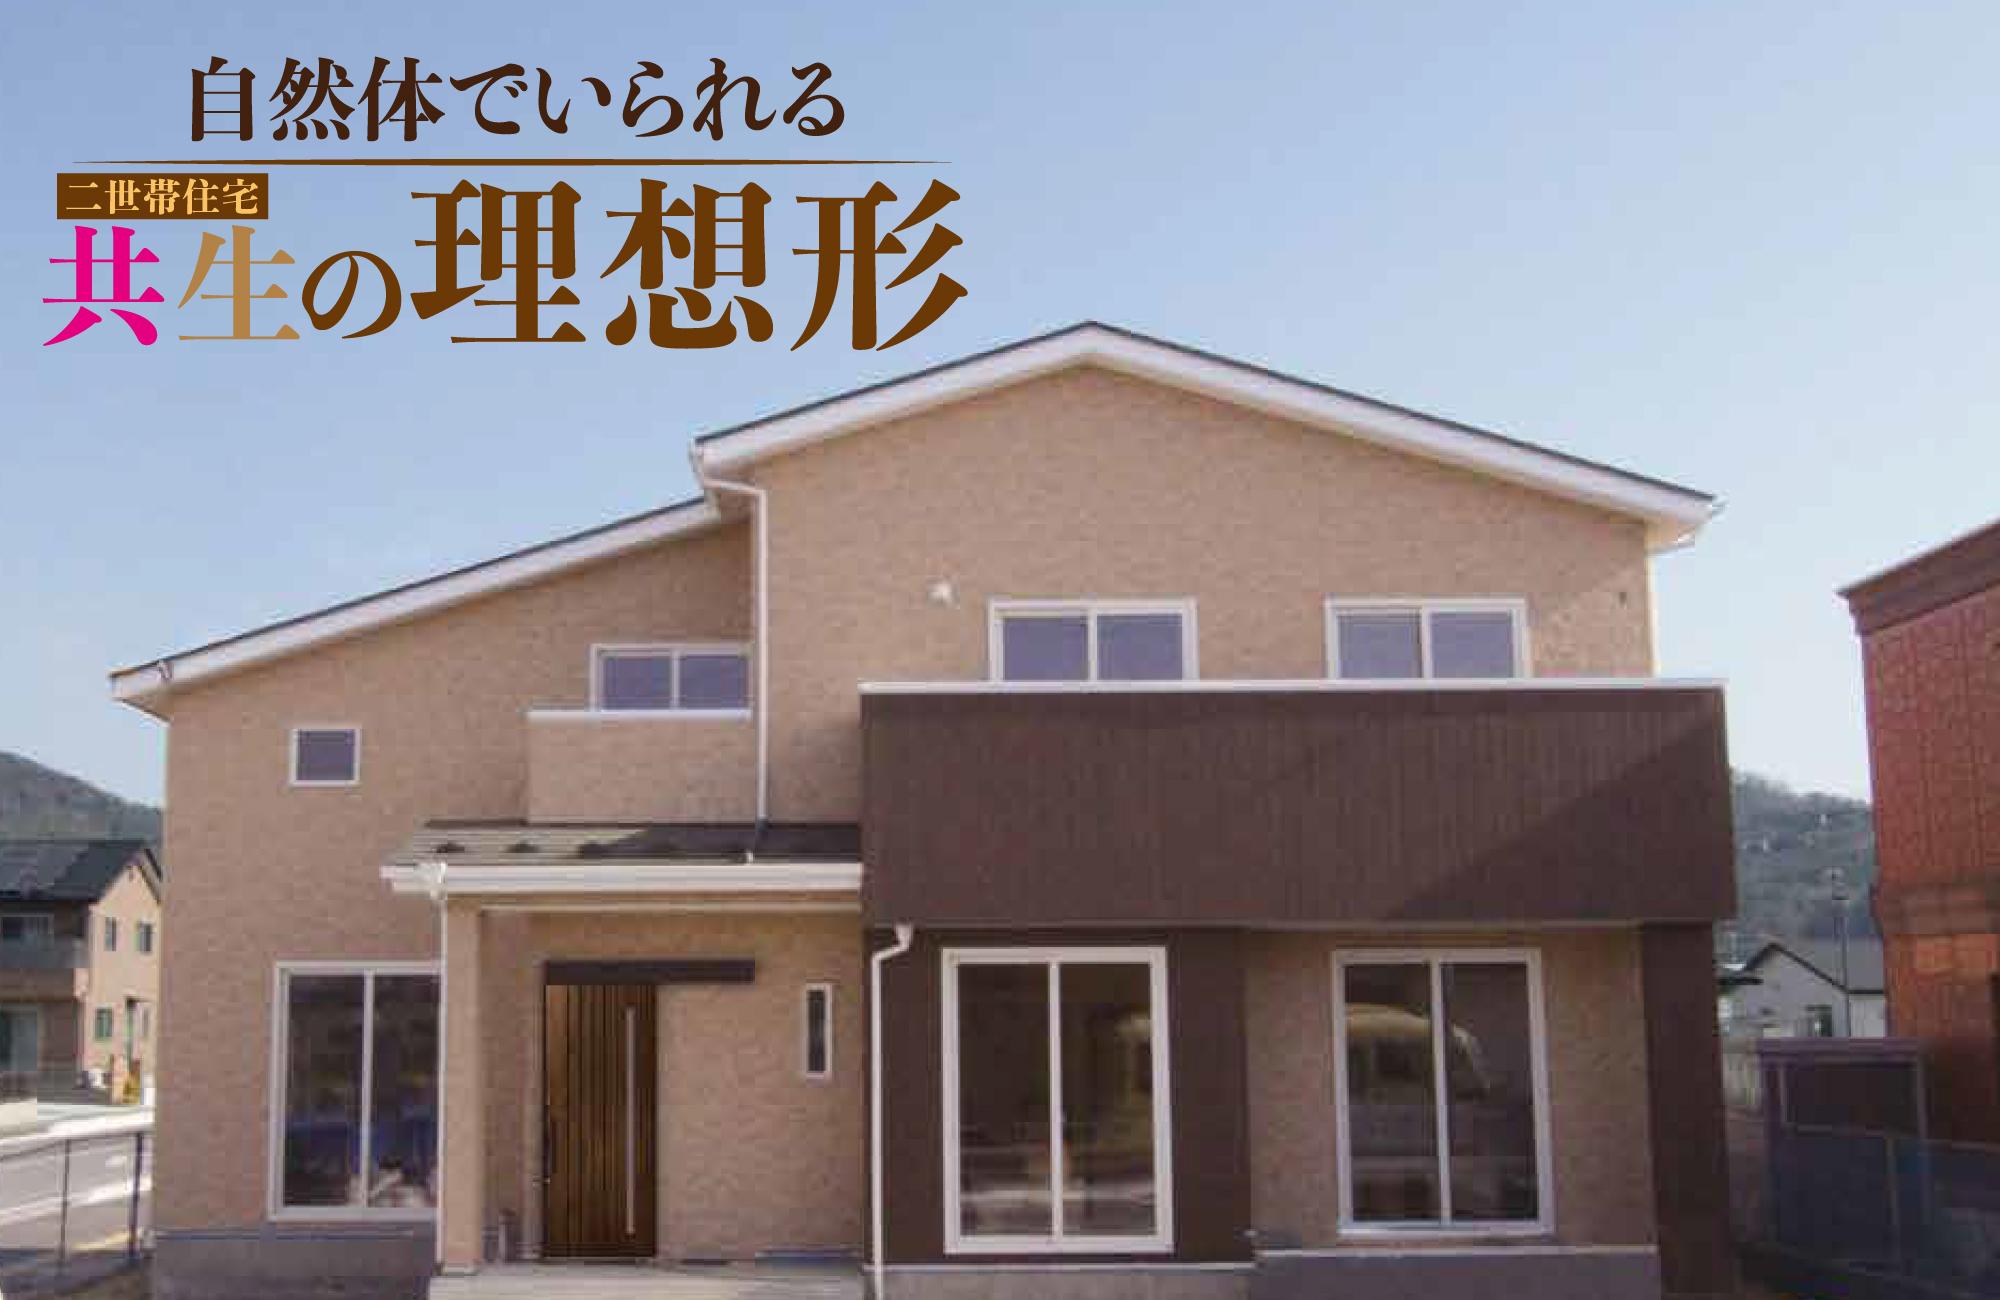 【石巻市さくら町】完成住宅見学会開催【2019年5月11・12日】